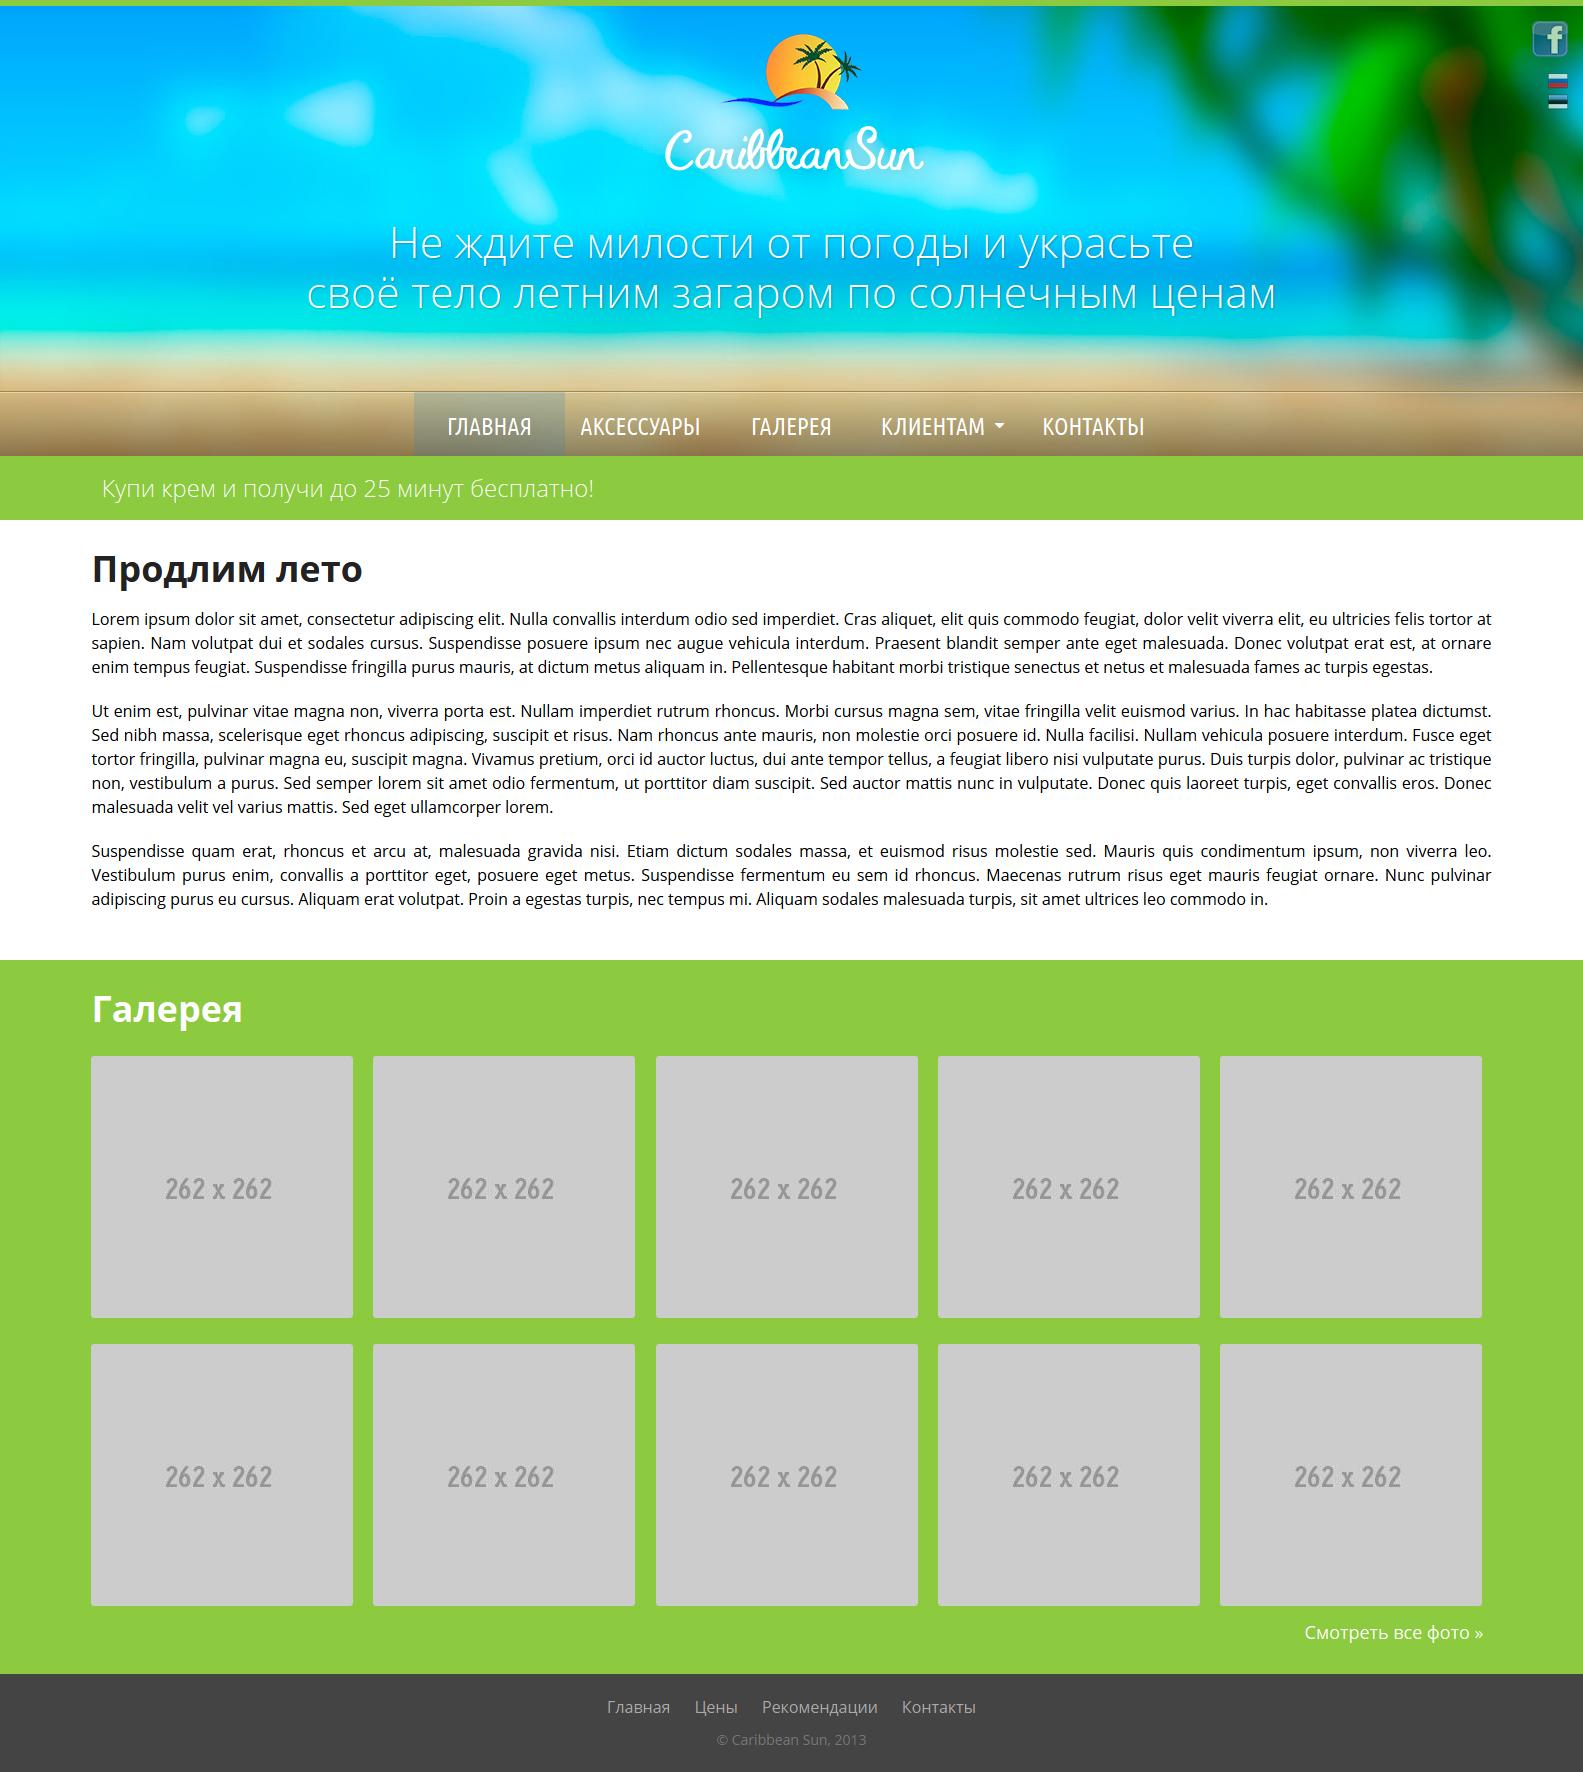 CaribbeanSun - дизайн и верстка для сайта солярия